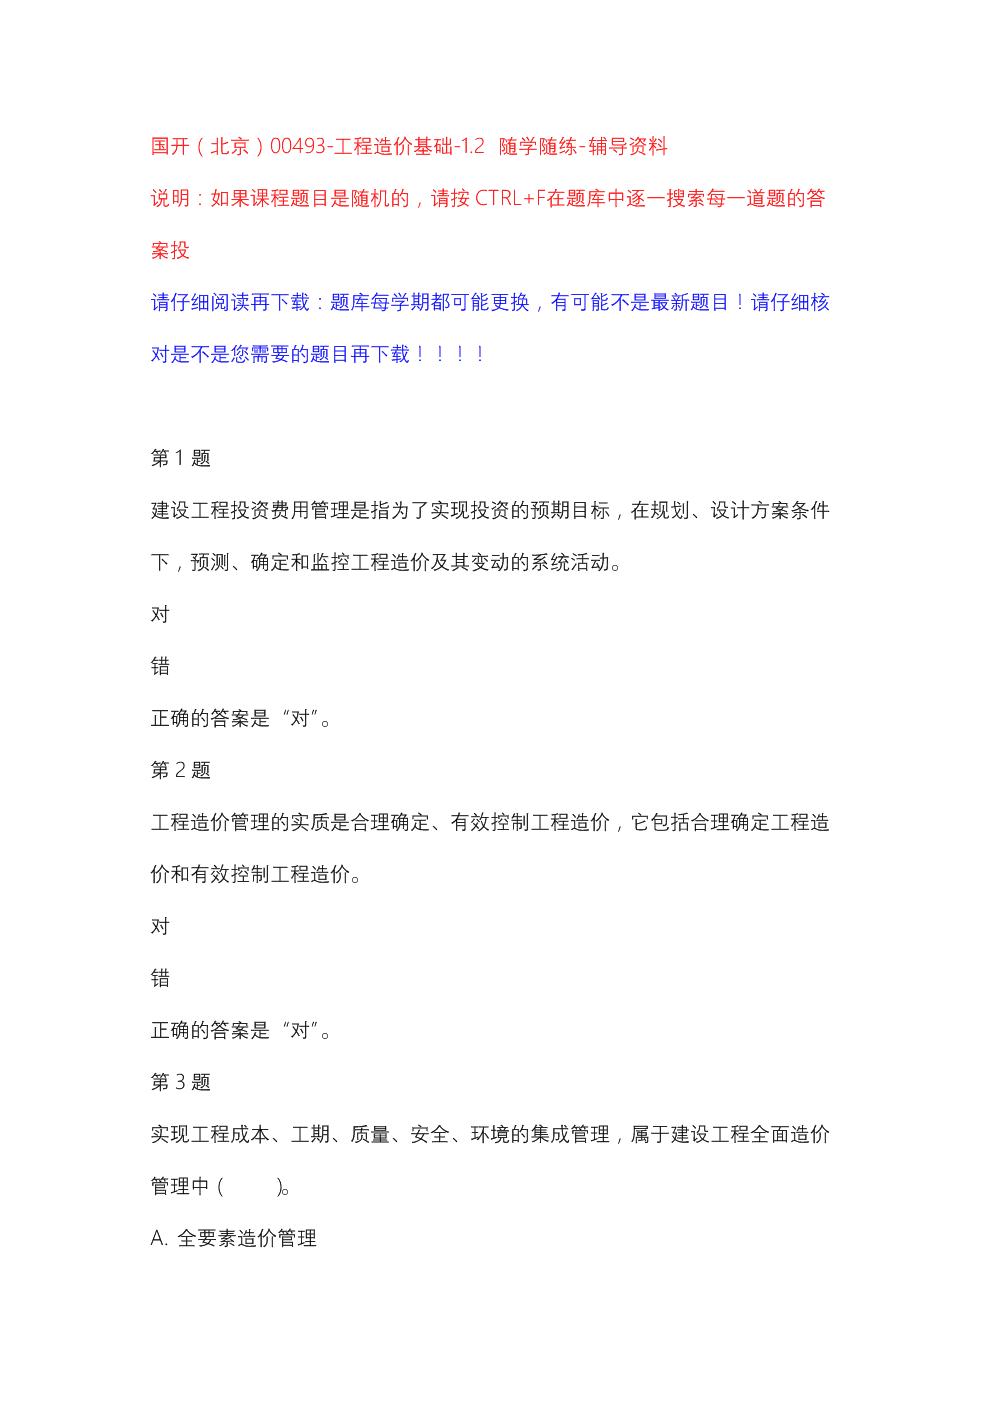 国开(北京)00493-工程造价基础-1.2 随学随练-辅导资料.docx